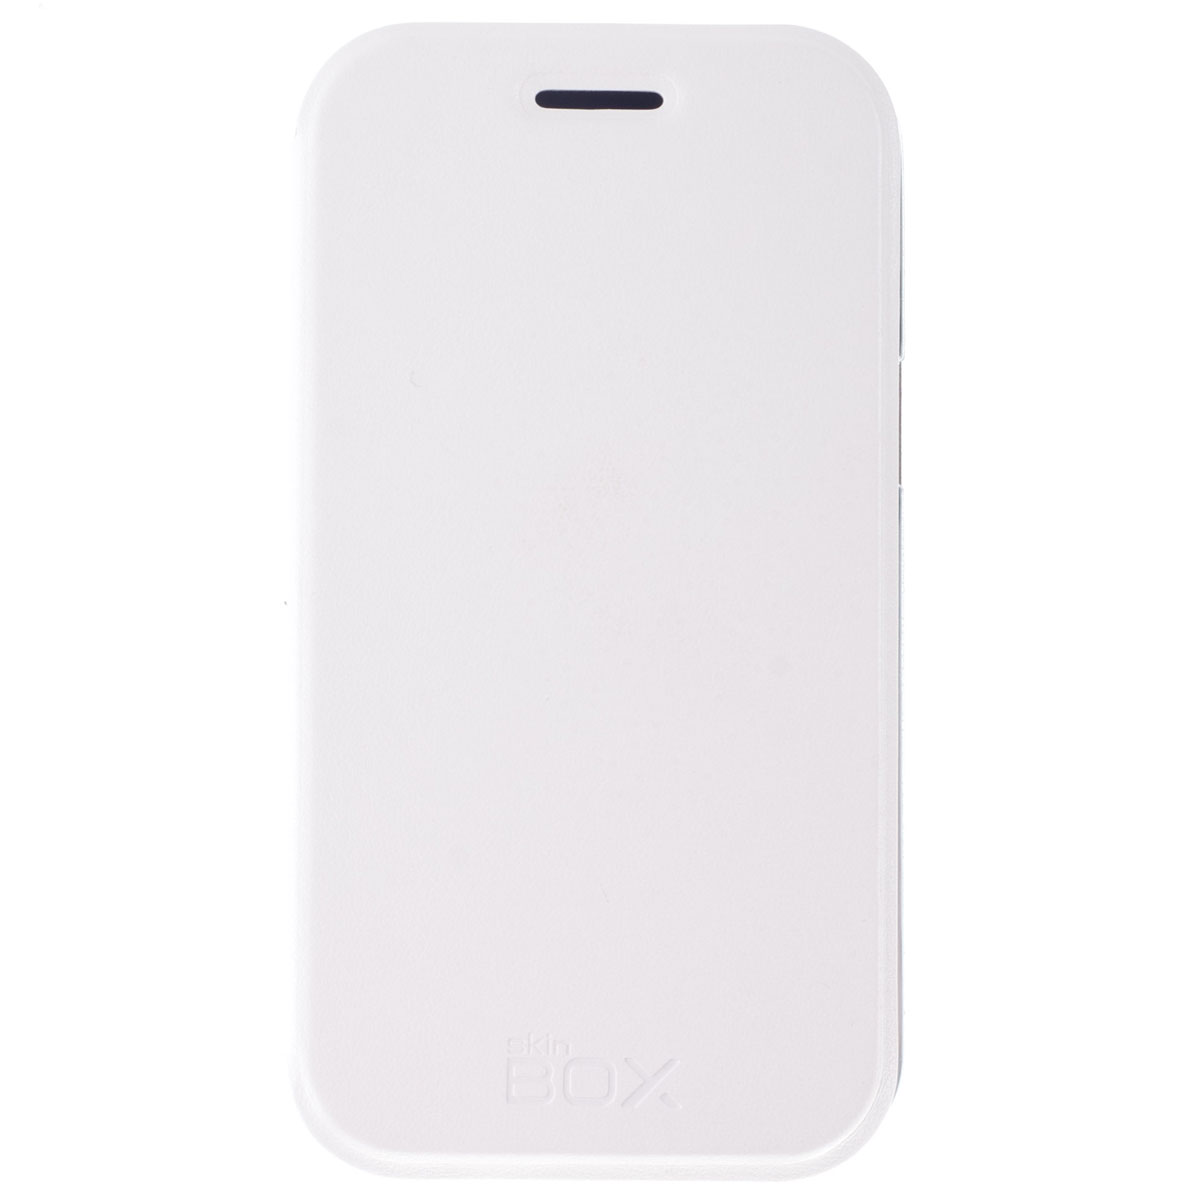 Skinbox Lux чехол для Samsung Galaxy J1 DS, WhiteT-S-SJ1-003Чехол Skinbox Lux выполнен из высококачественного поликарбоната и экокожи. Он обеспечивает надежную защиту корпуса и экрана смартфона и надолго сохраняет его привлекательный внешний вид. Чехол также обеспечивает свободный доступ ко всем разъемам и клавишам устройства.